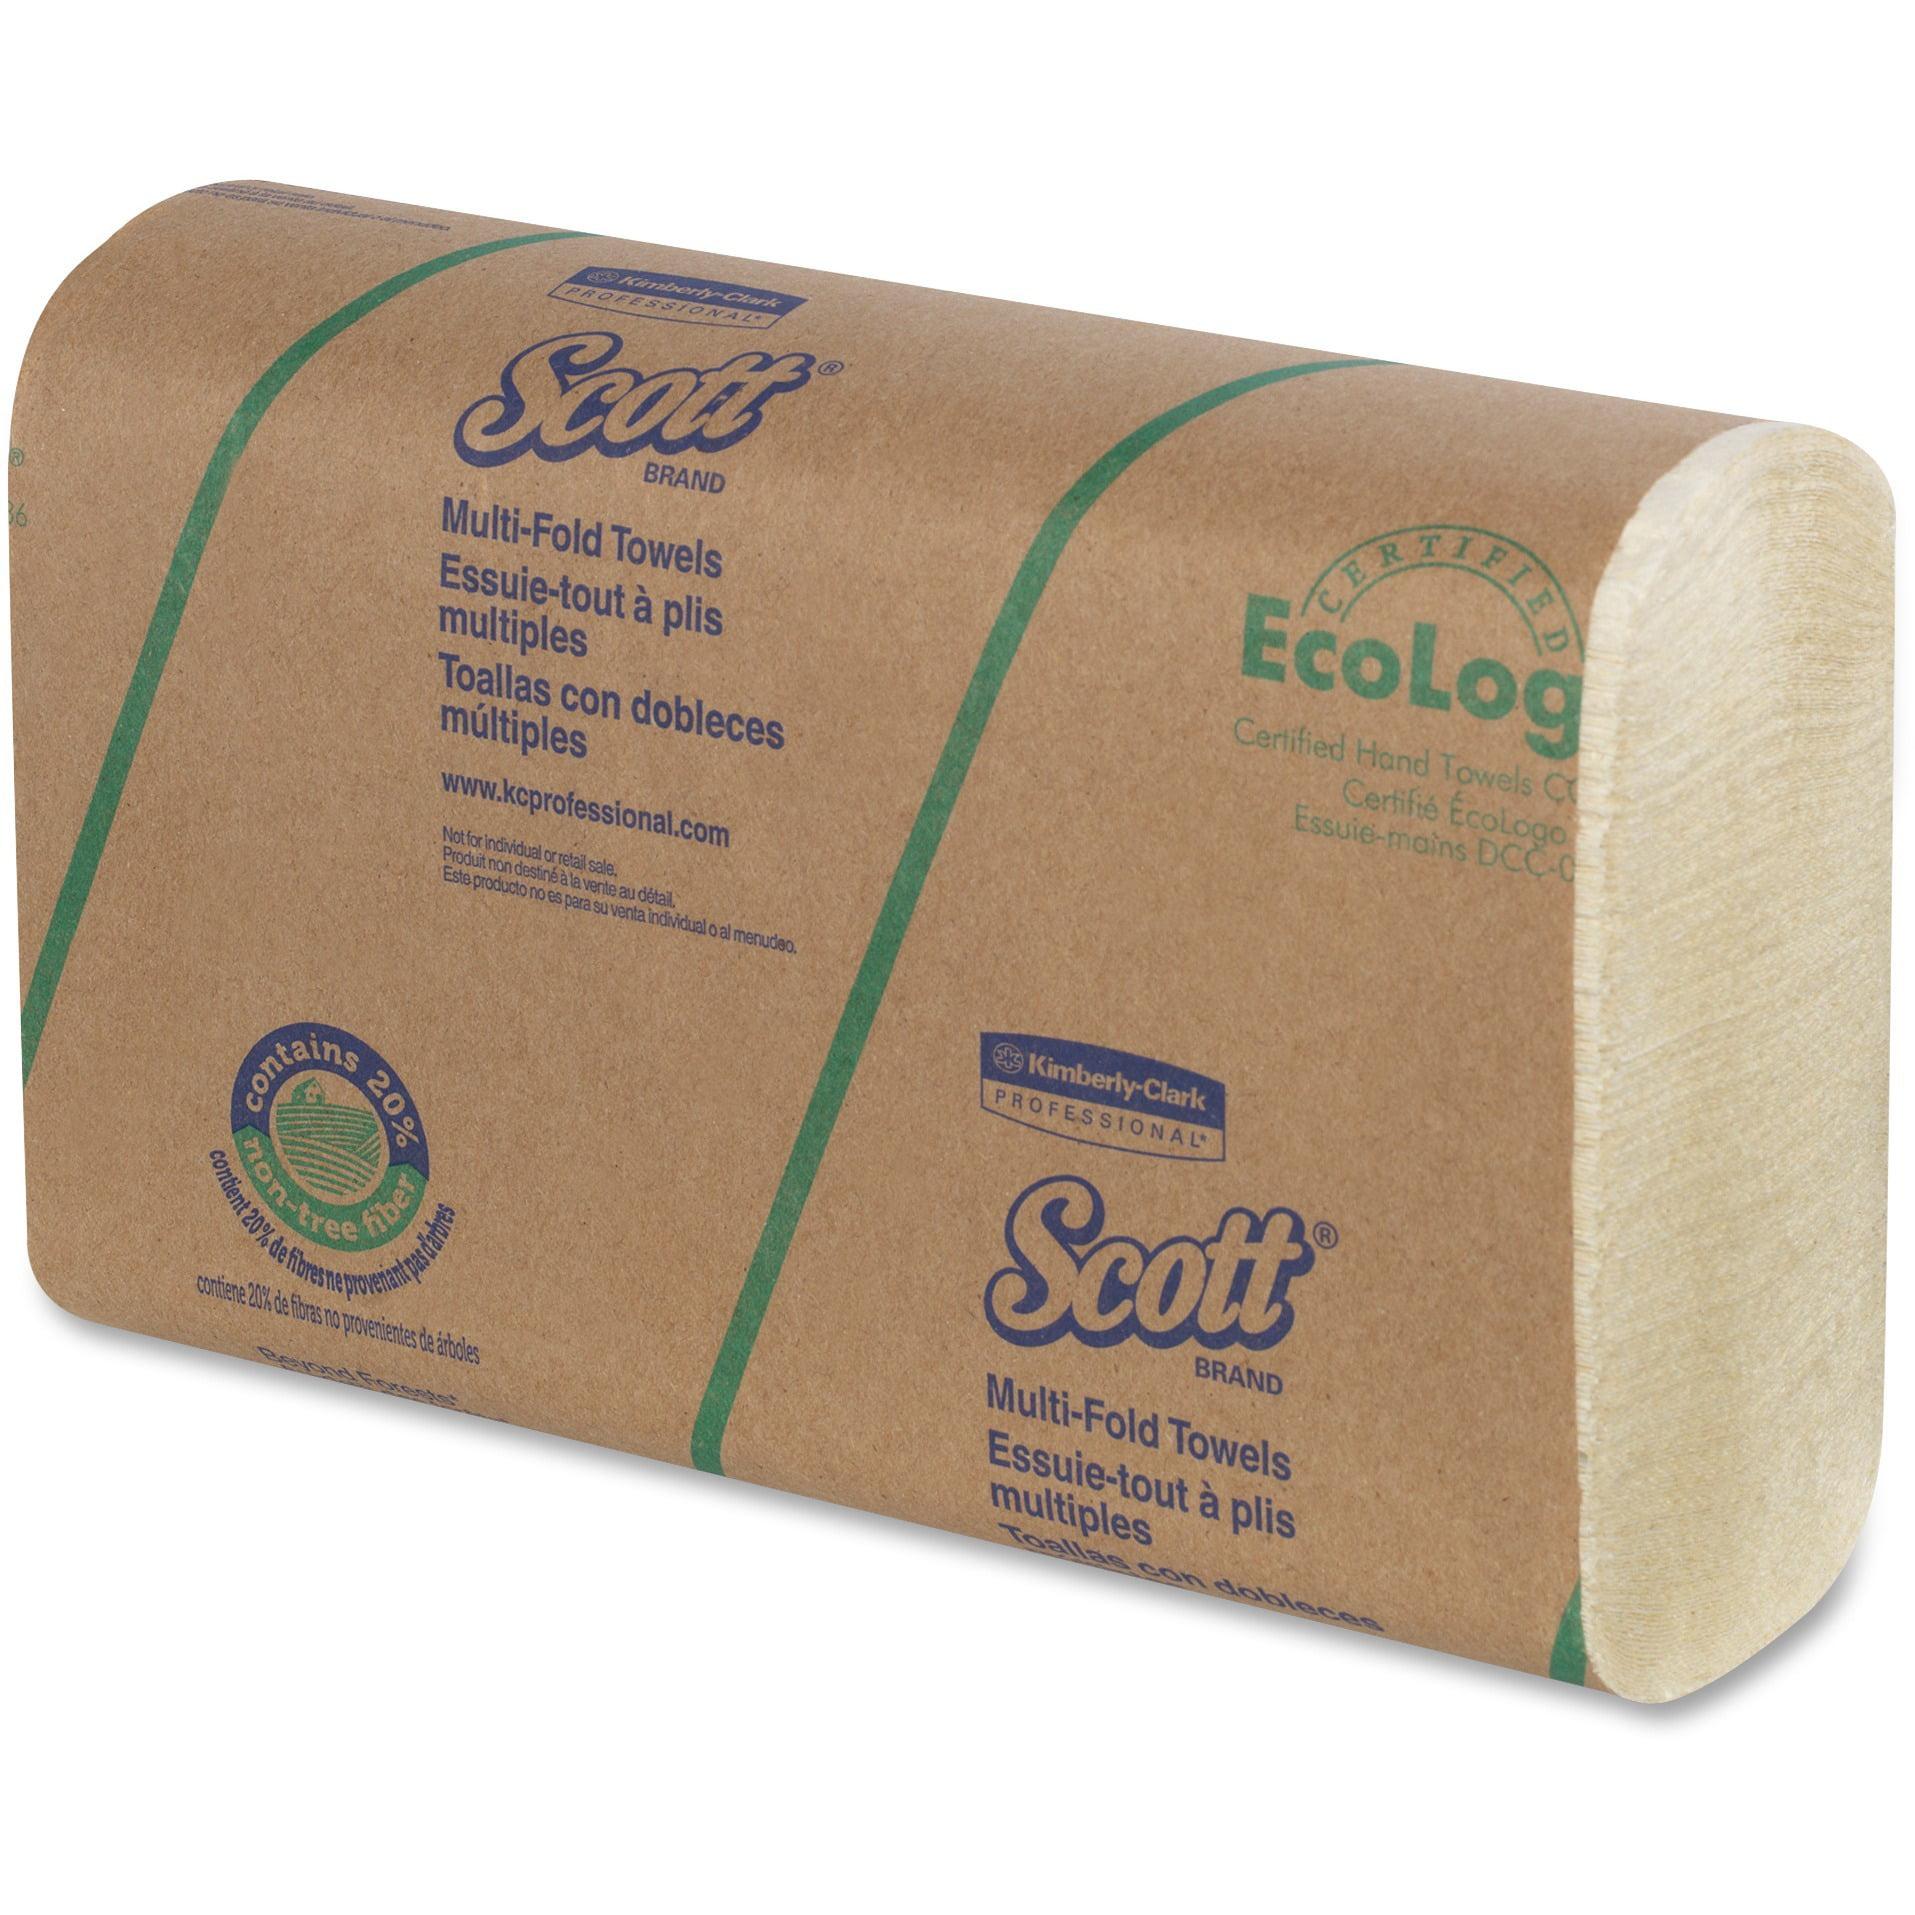 Scott, KCC11829, Multi-fold Towels, 4000 / Carton, Soft Wheat